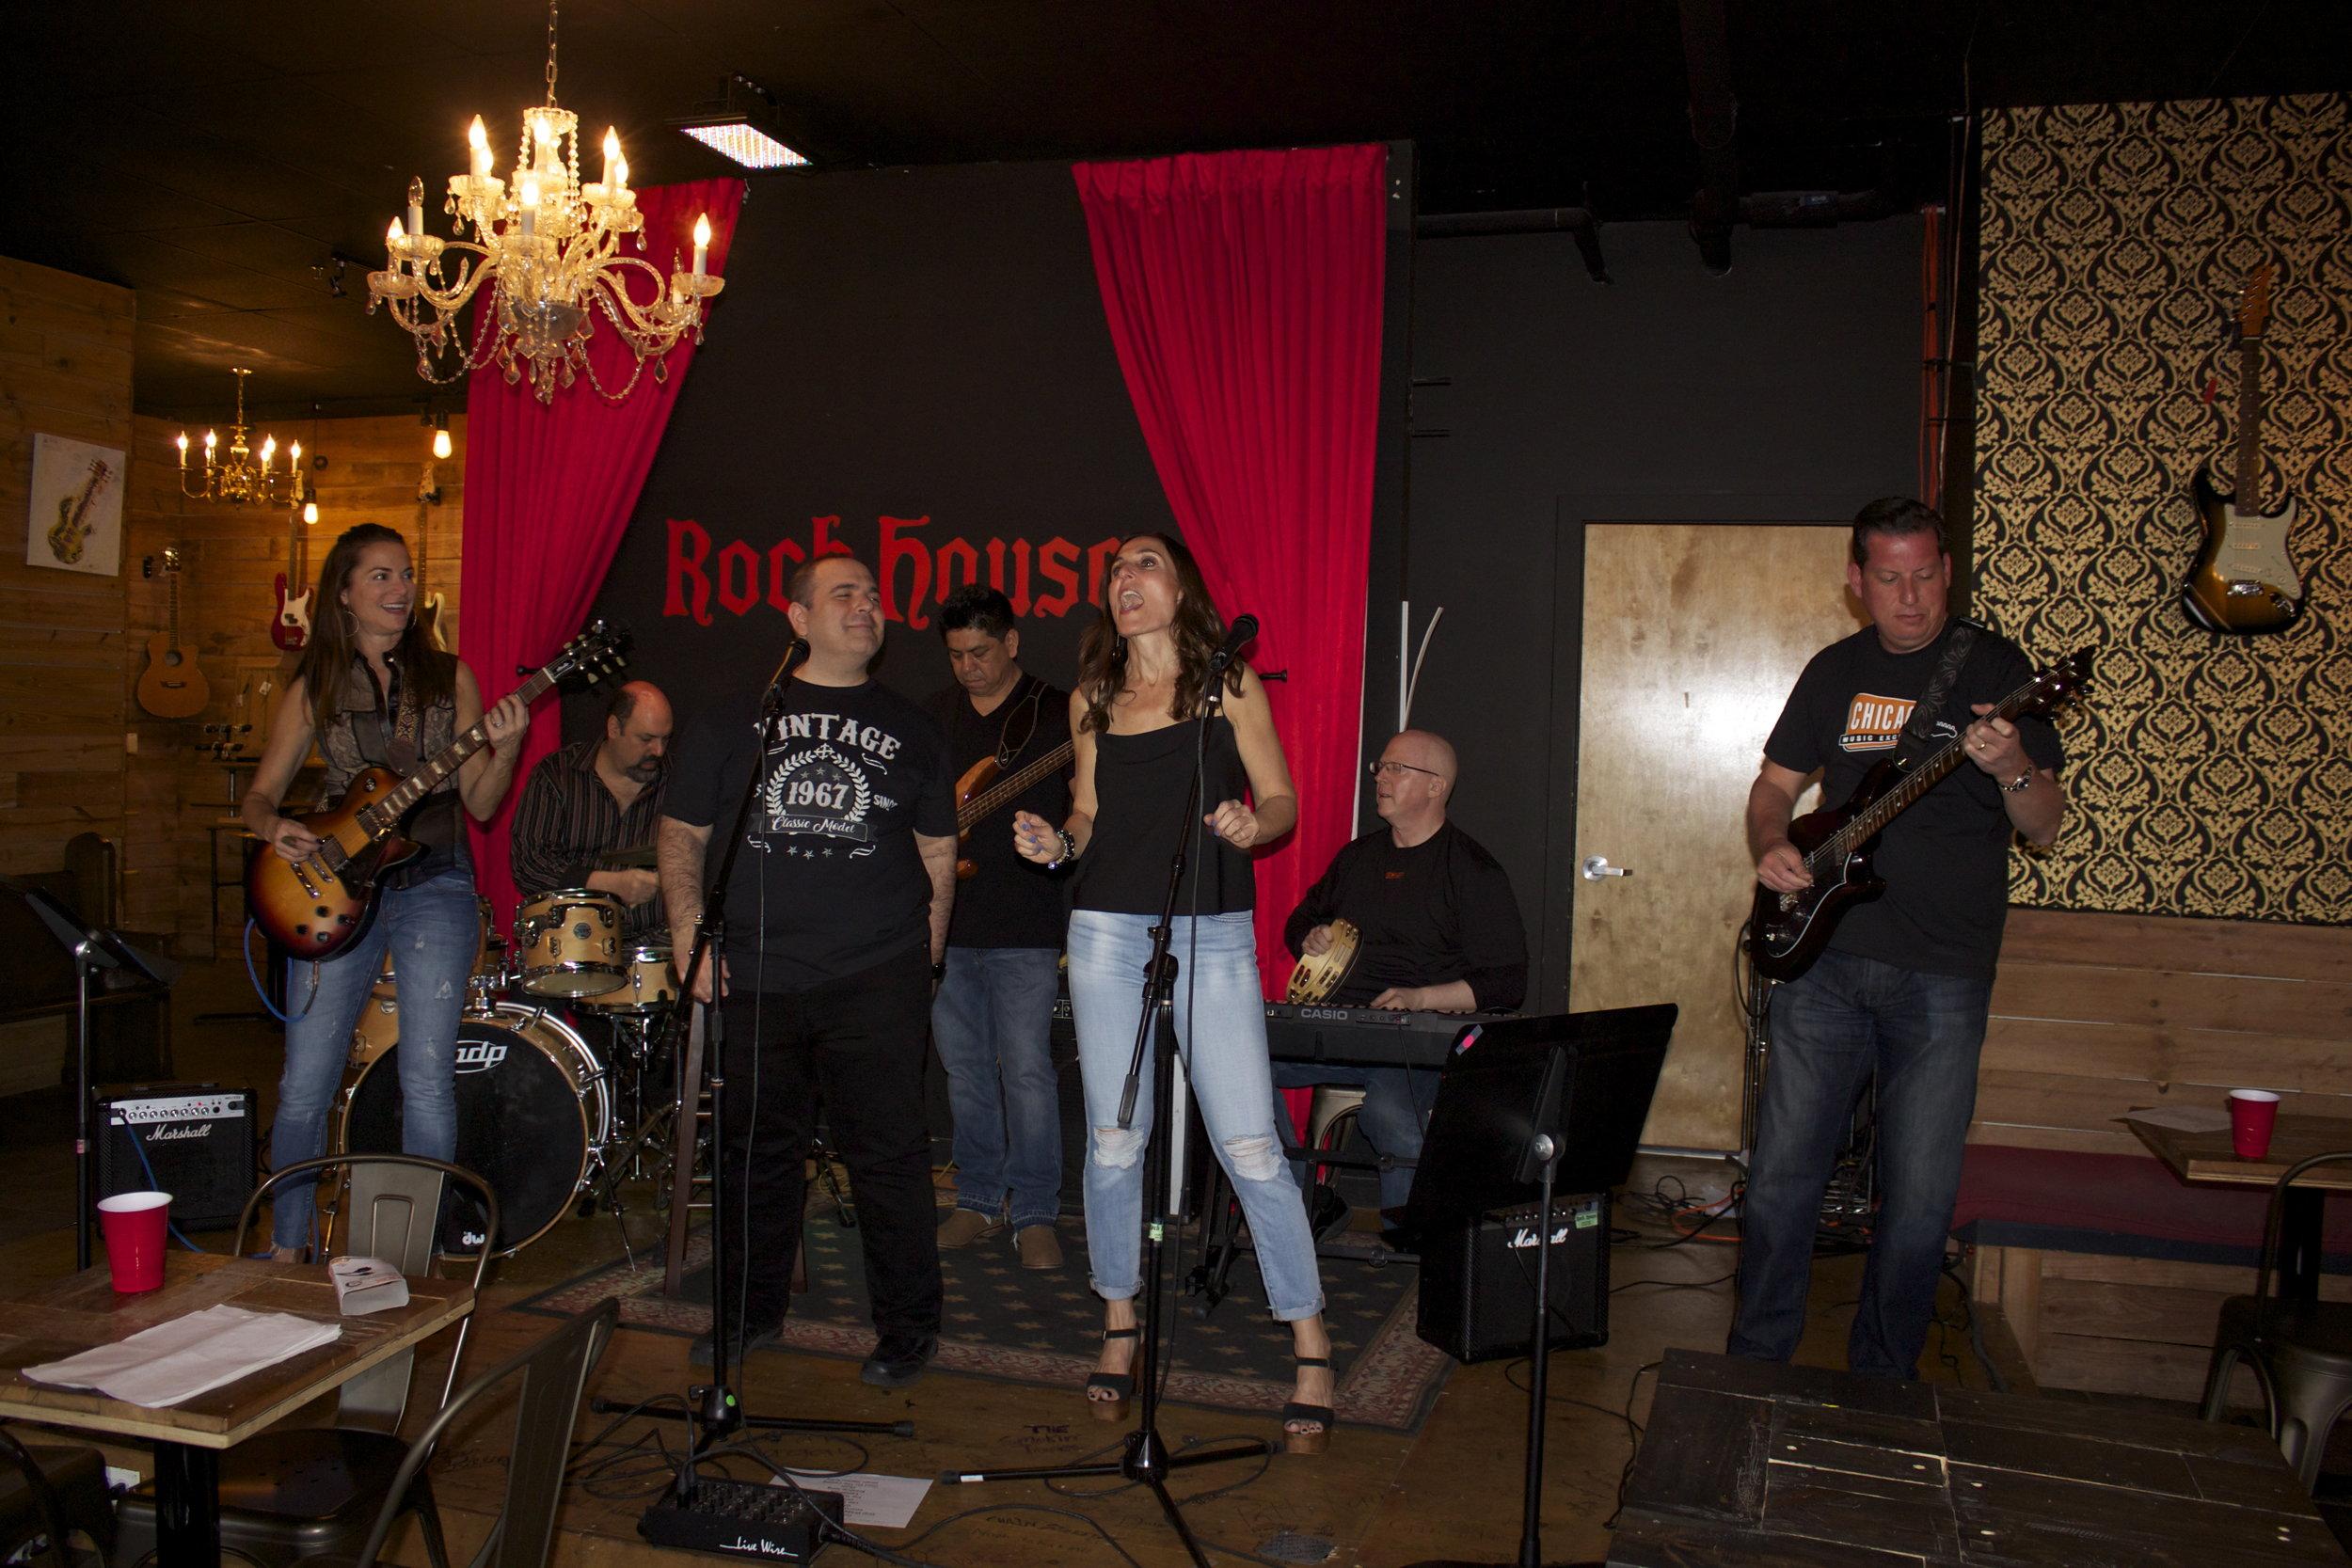 No Shame performing at a gig!